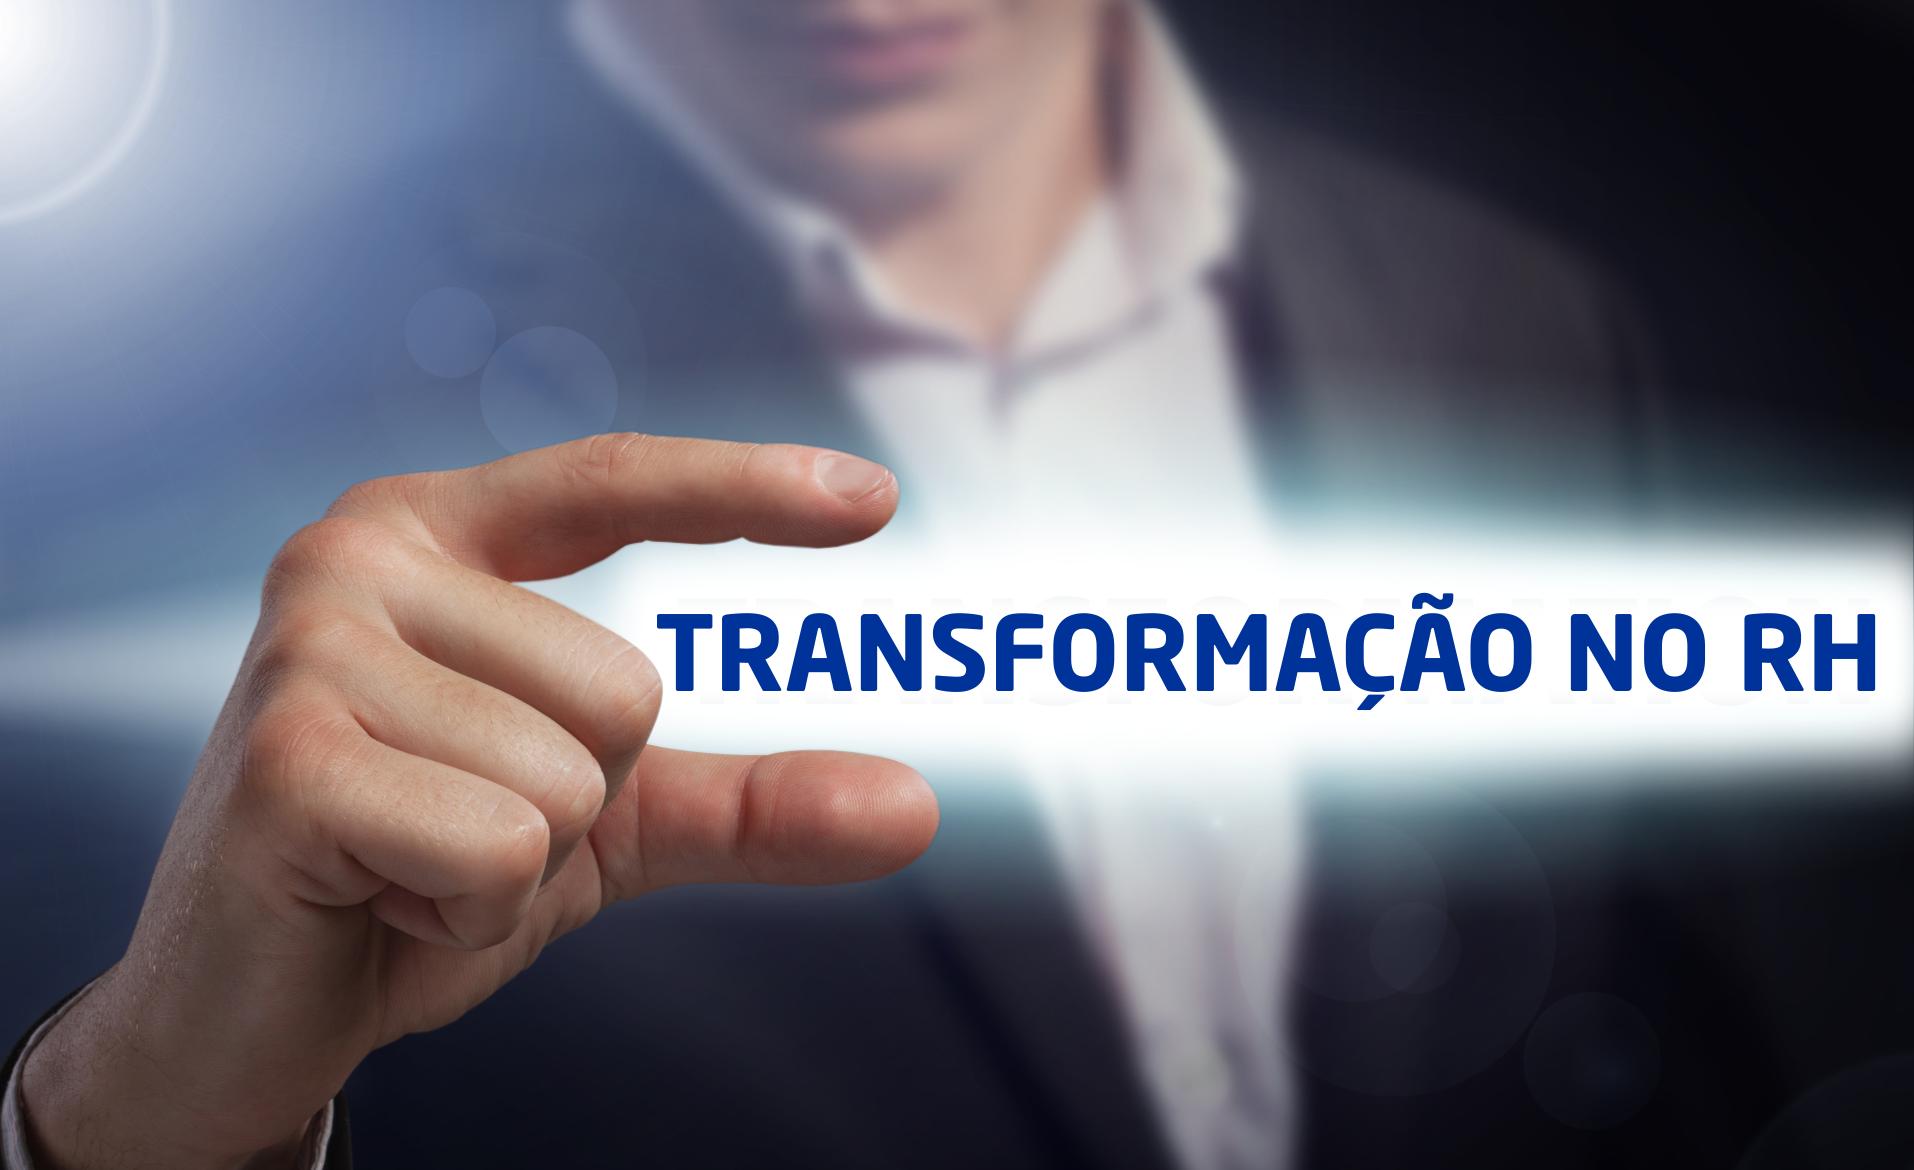 Transformação Digital: o seu RH está no passado ou no Futuro?